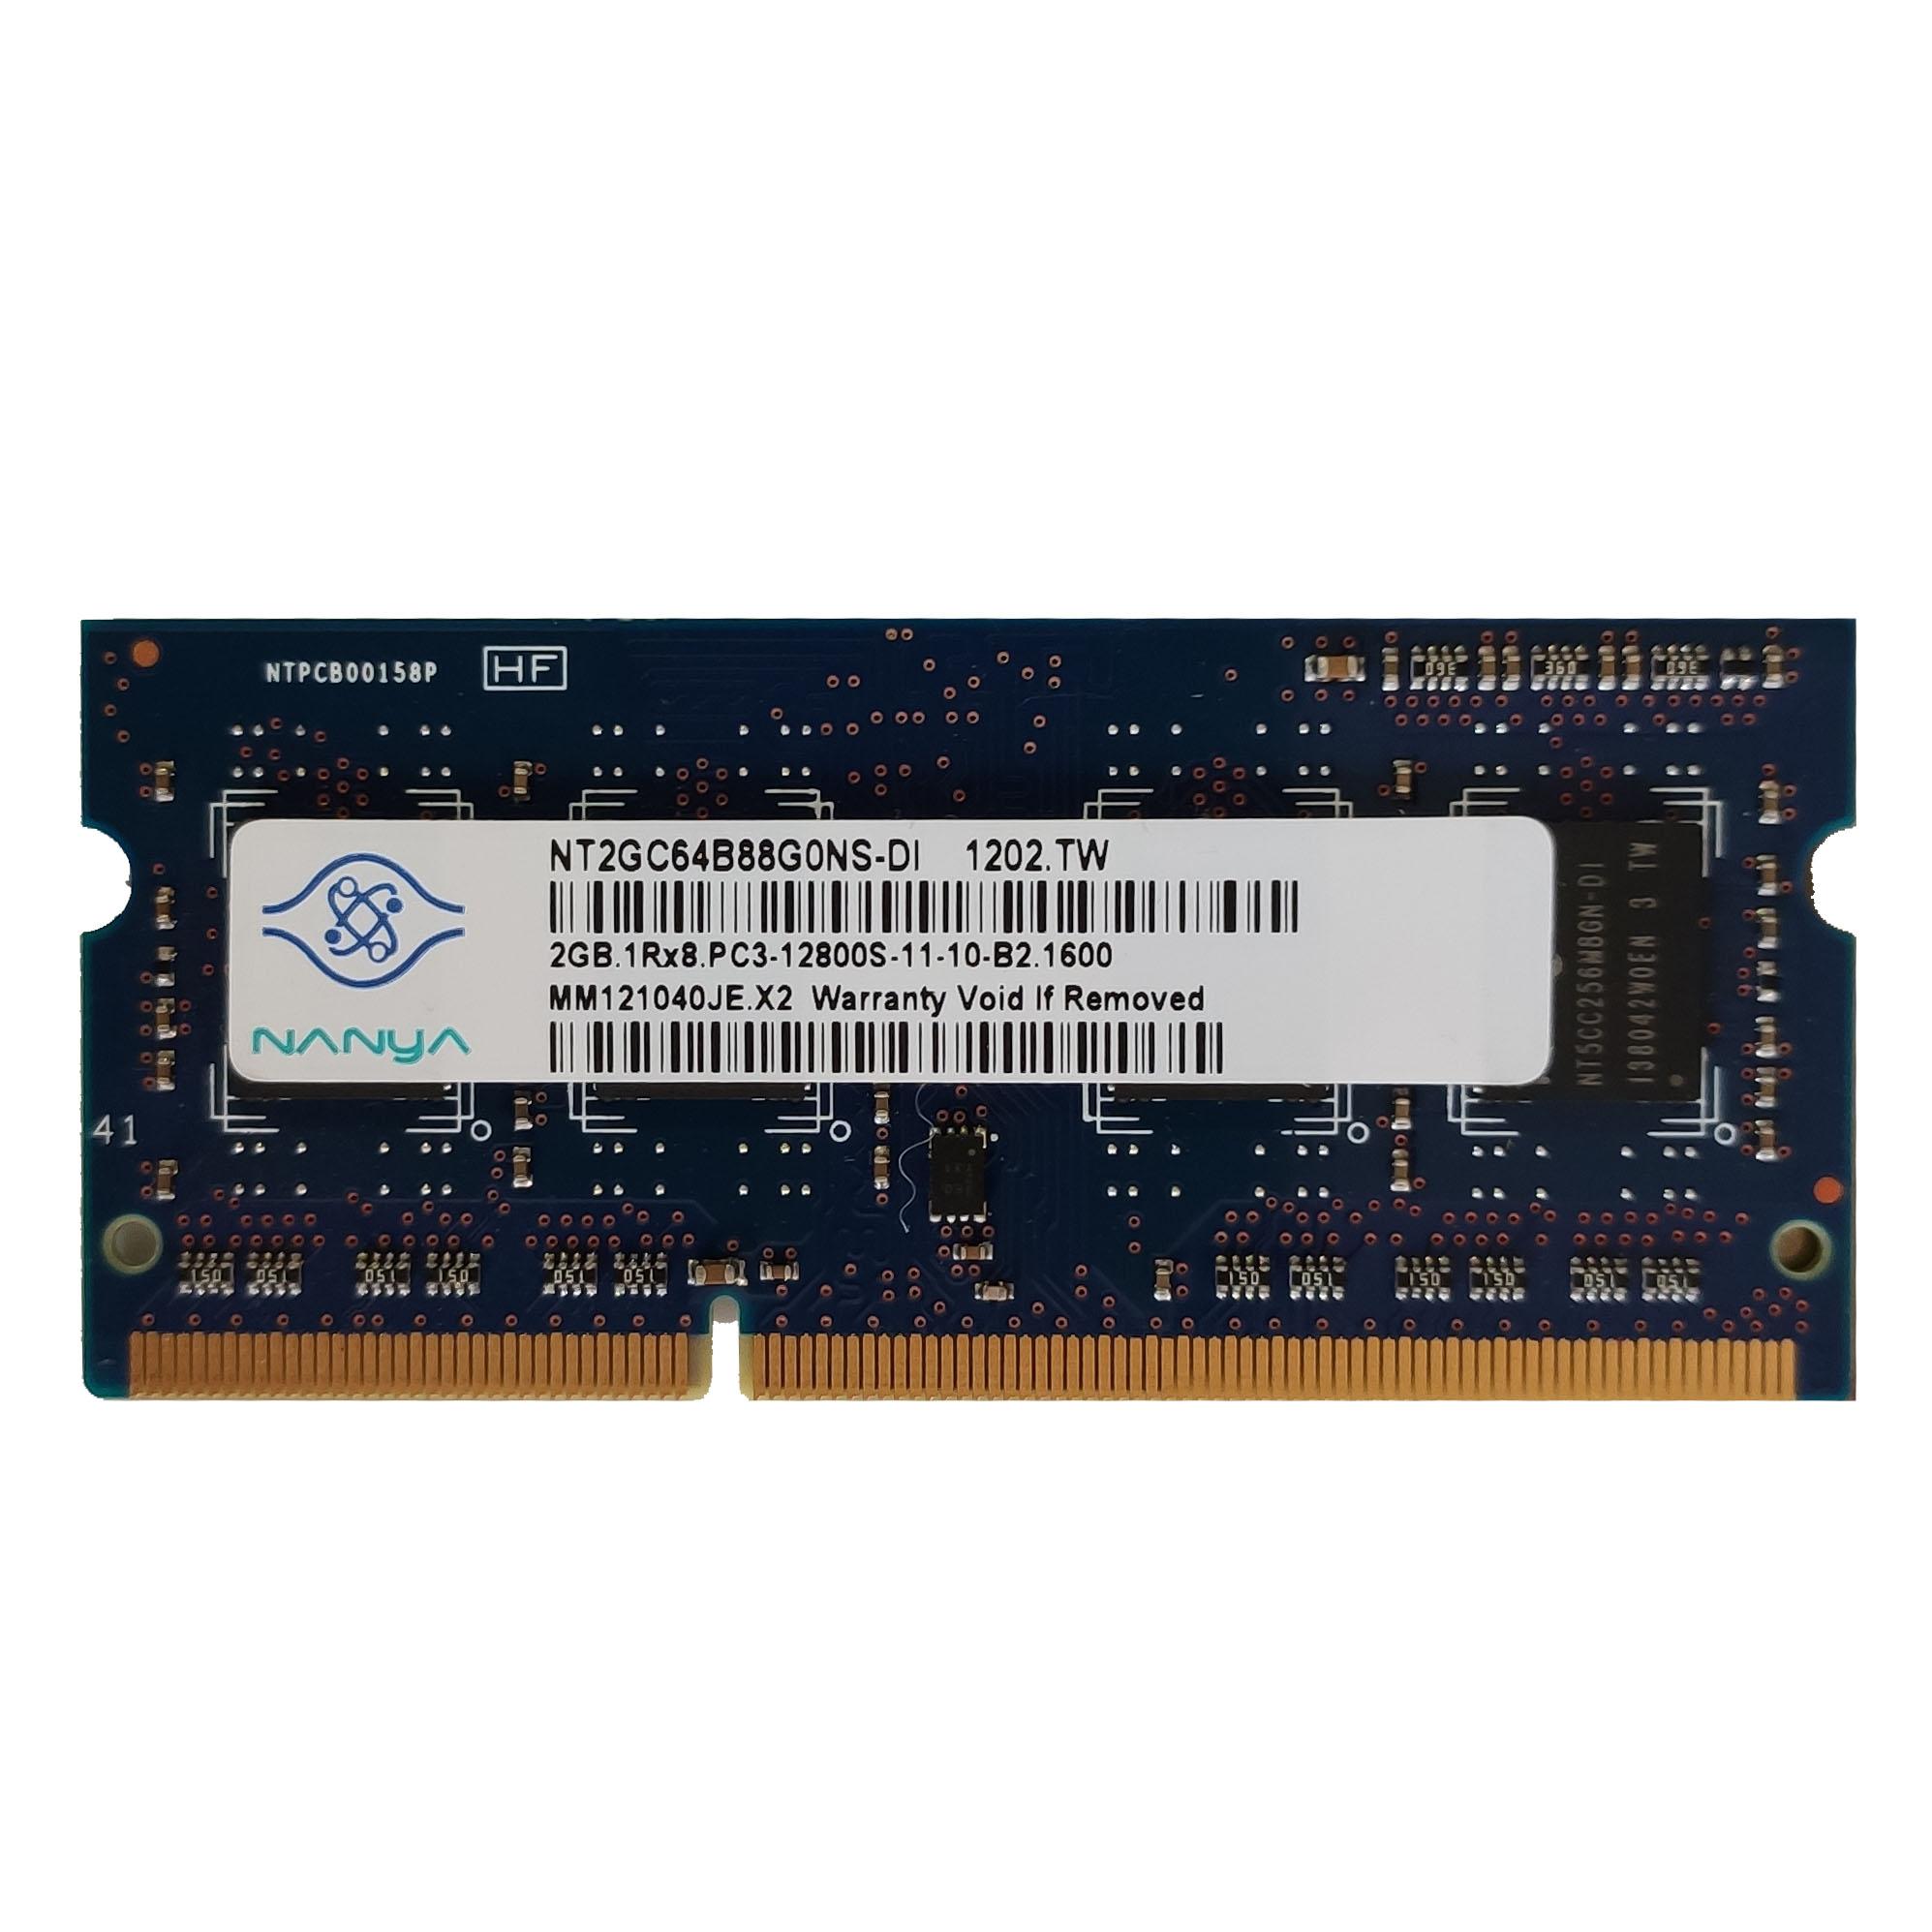 رم لپ تاپ DDR3 تک کاناله 1600 مگاهرتز B2 نانیا مدل 12800s ظرفیت 2 گیگابایت